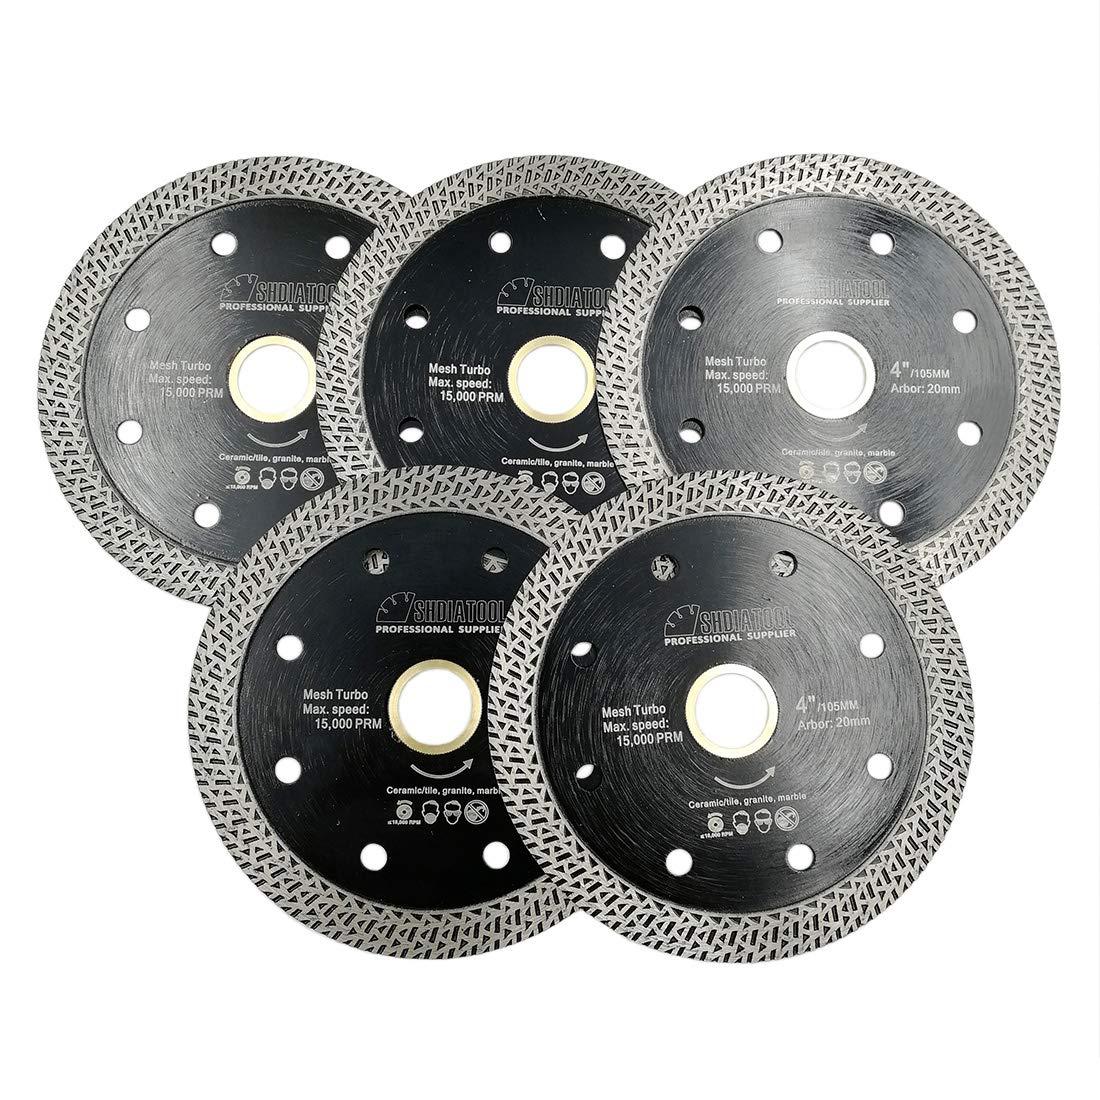 SHDIATOOL Disco Tronzador de Diamante 5 Piezas 115MM con Malla Turbo Hoja de Sierra para Porcelana Azulejos Cer/ámica Granito M/ármol